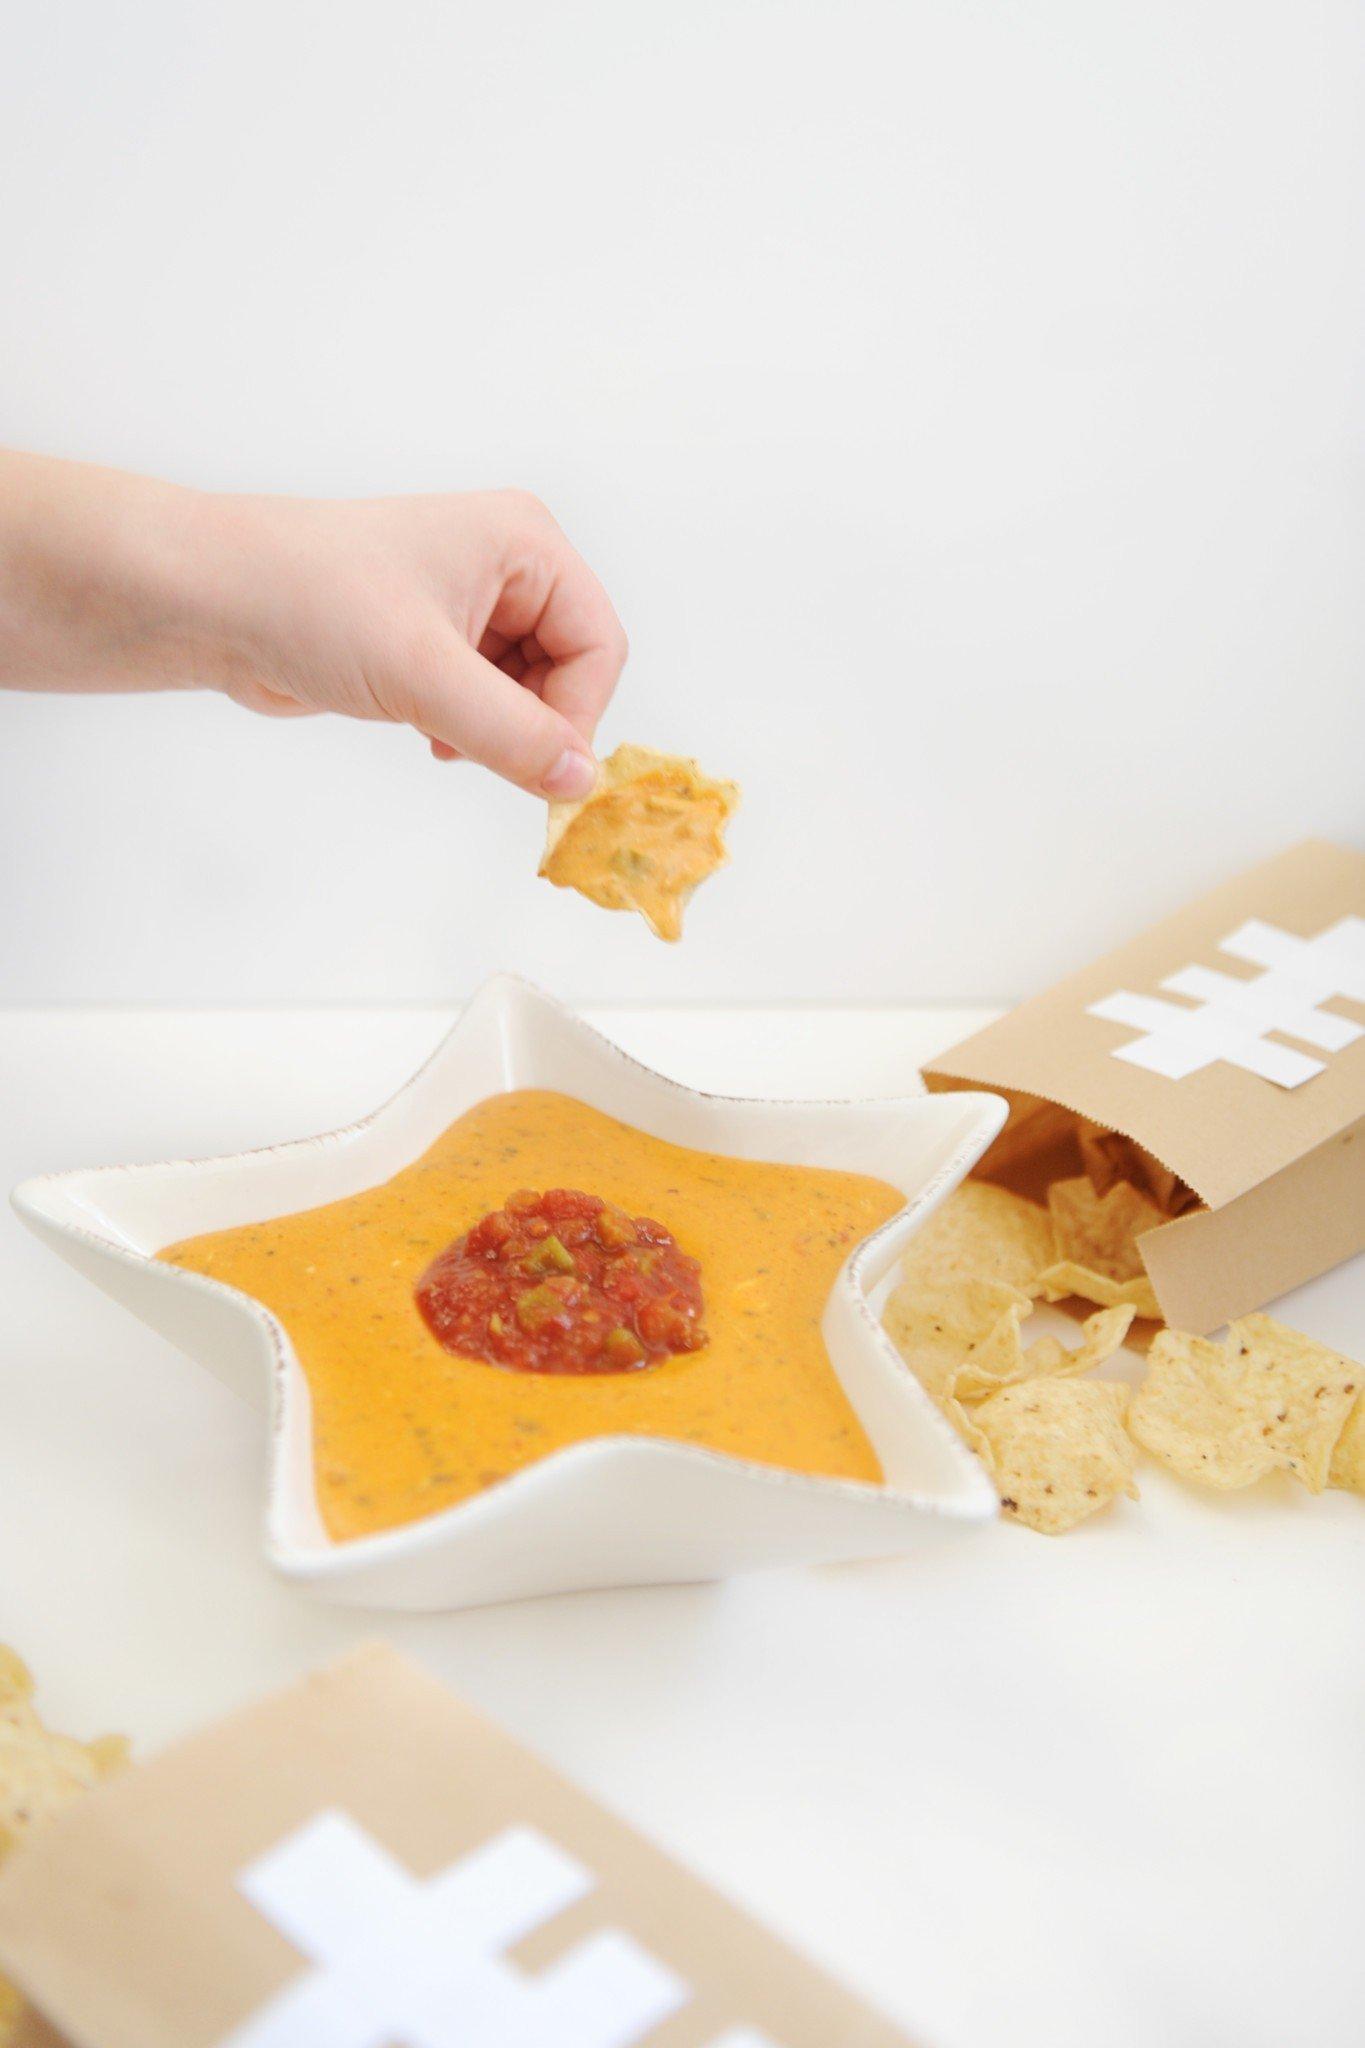 Cheesy chili dip recipe 6